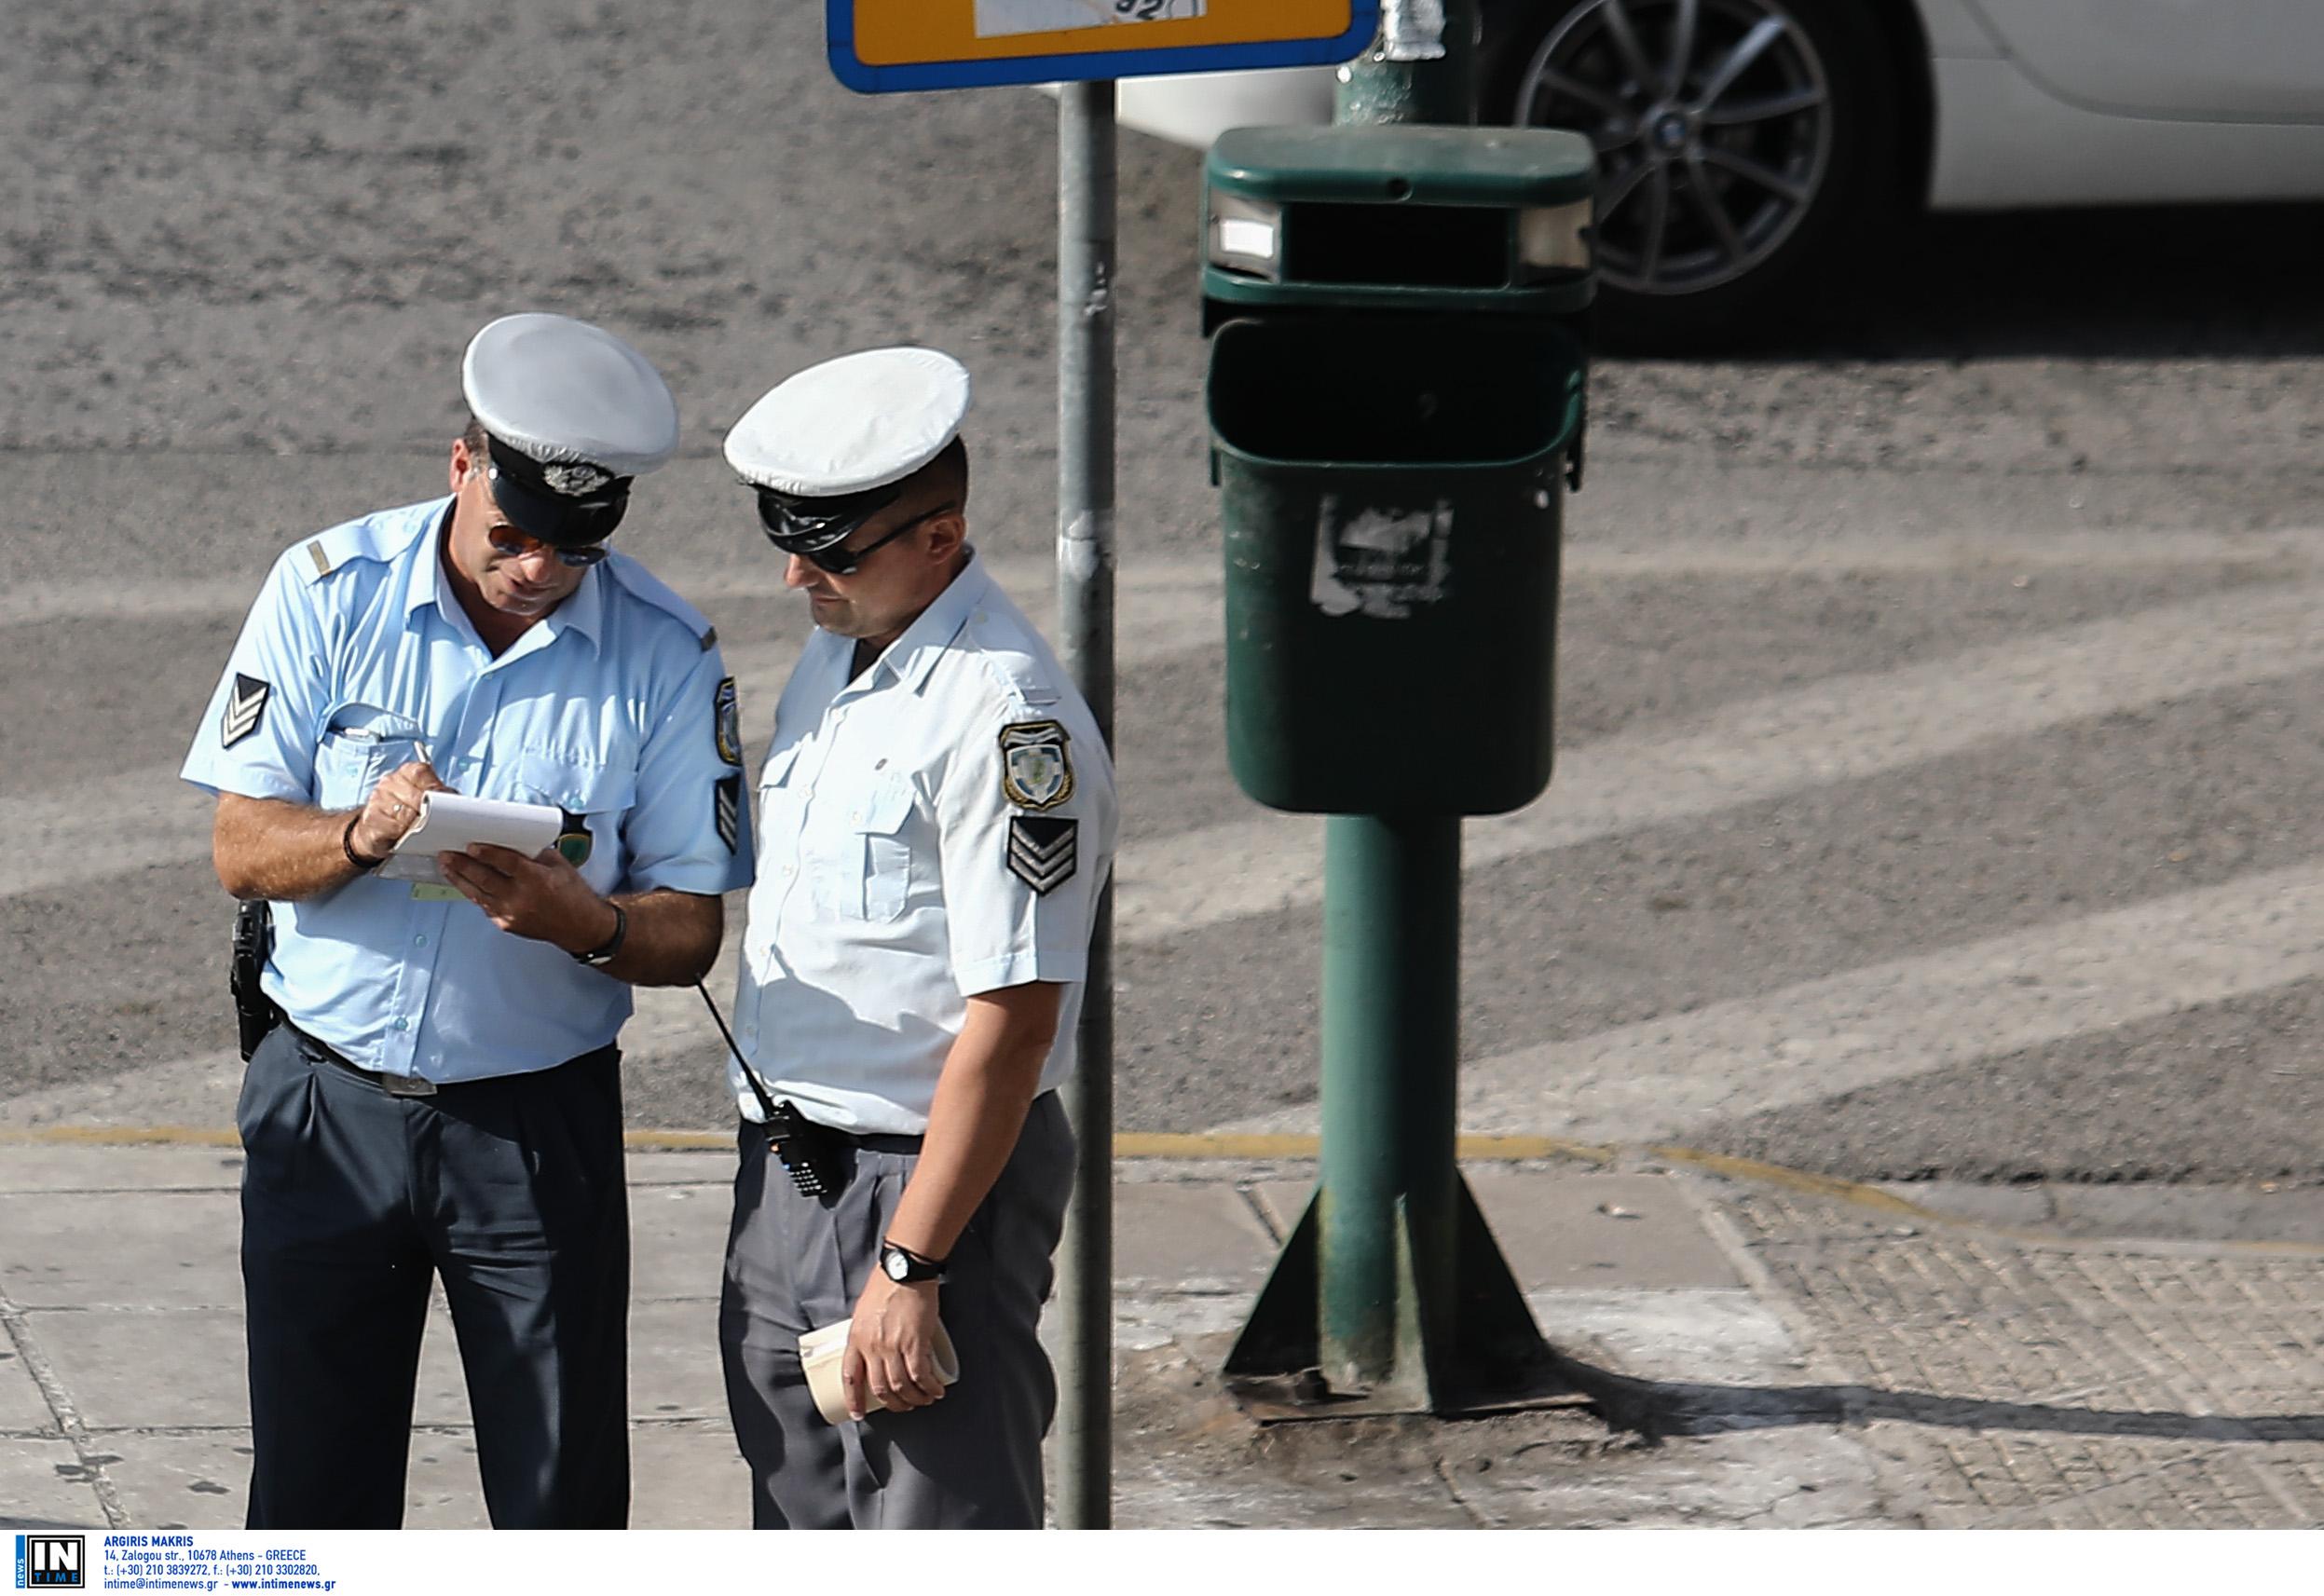 Η Τροχαία αναζητά πληροφορίες για θανατηφόρο δυστύχημα στη Λ.Βουλιαγμένης